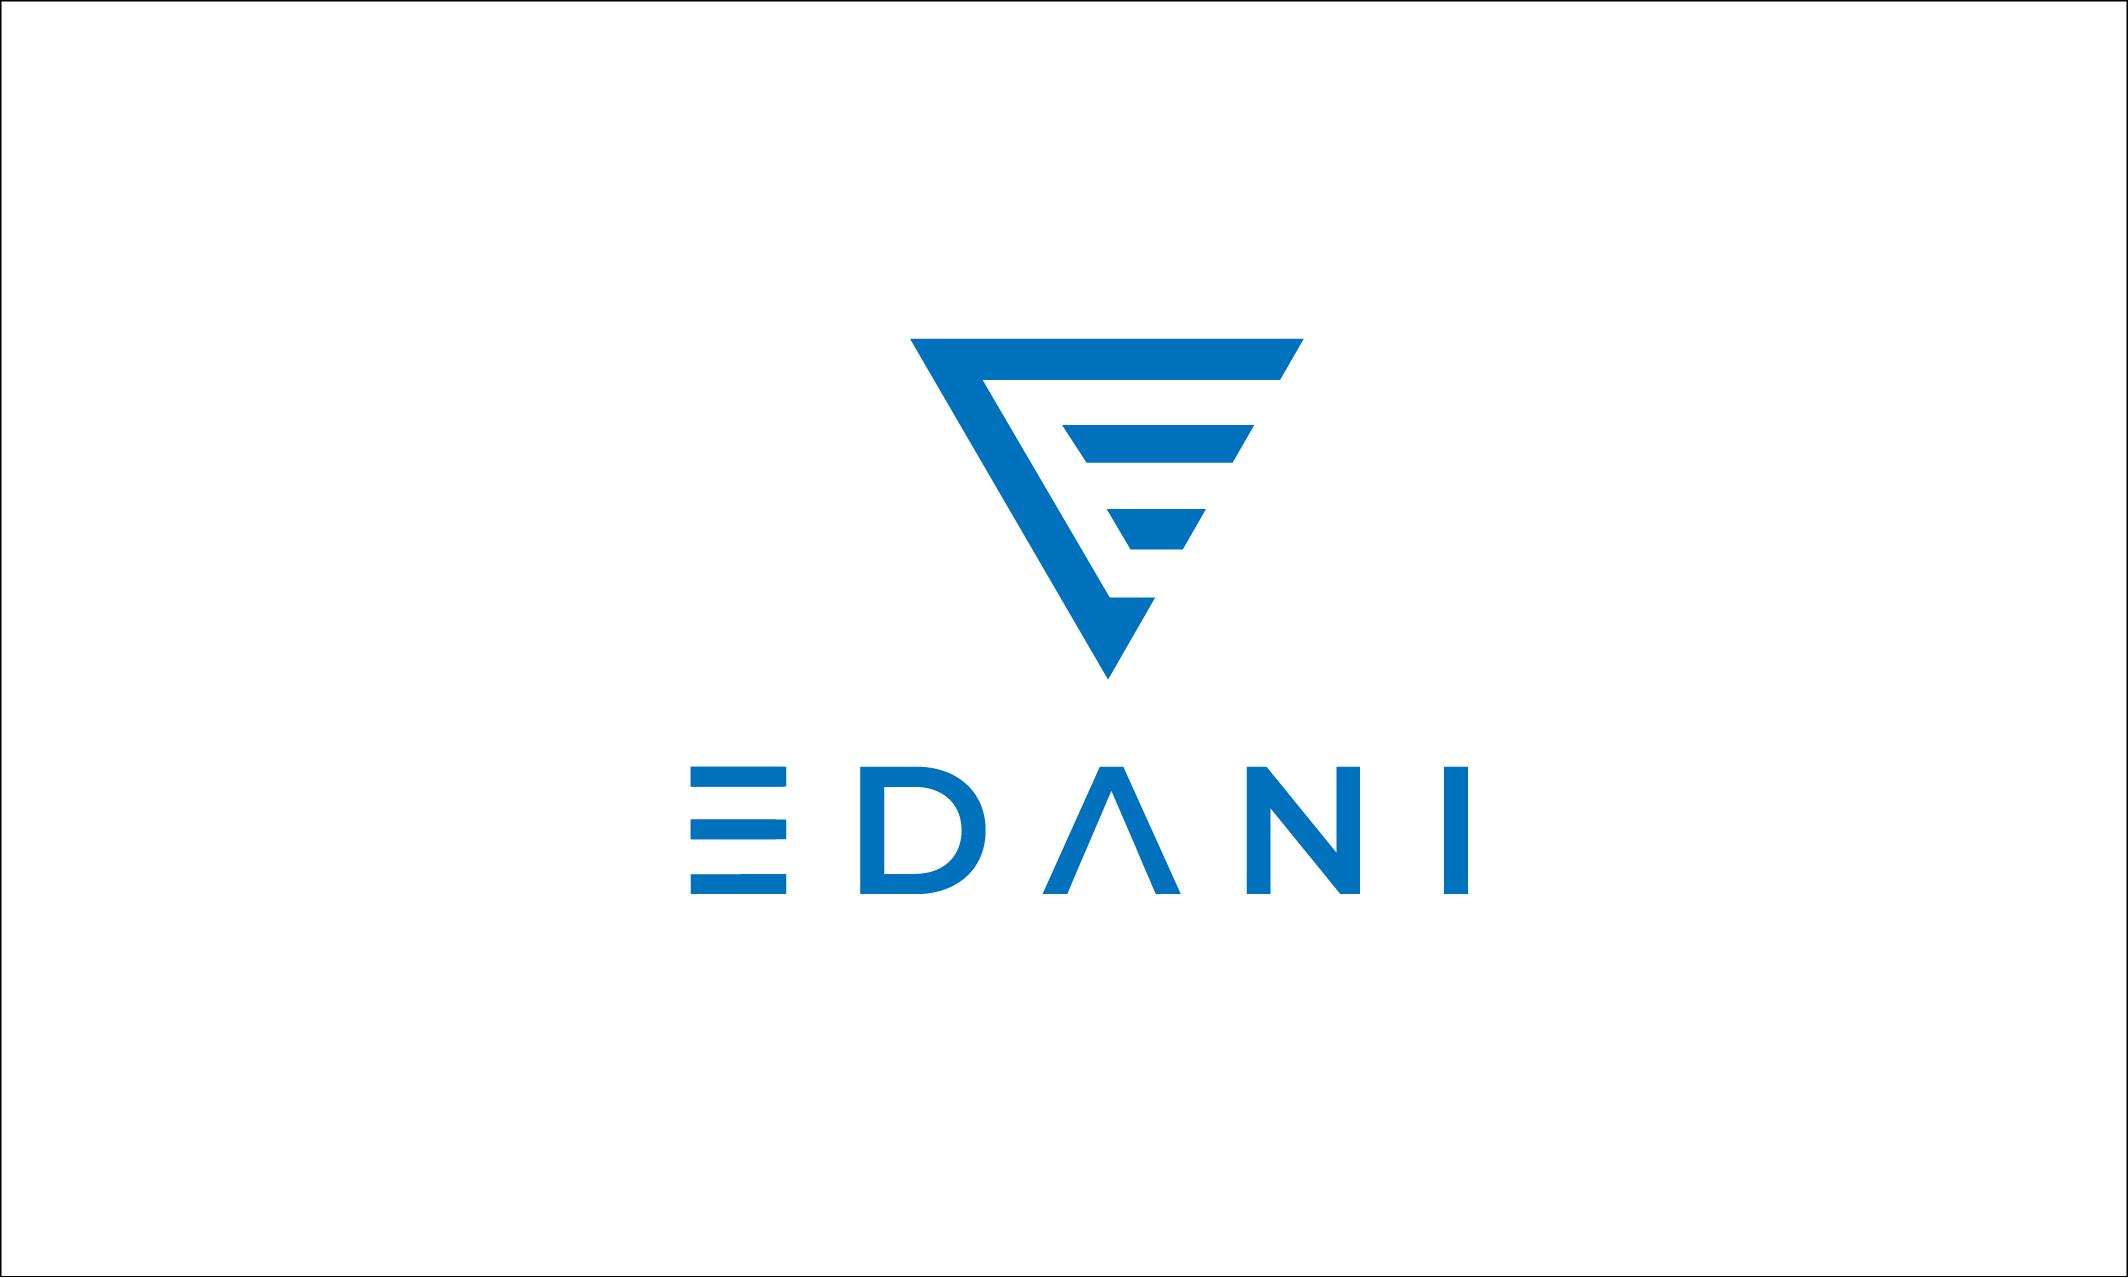 Edani.com